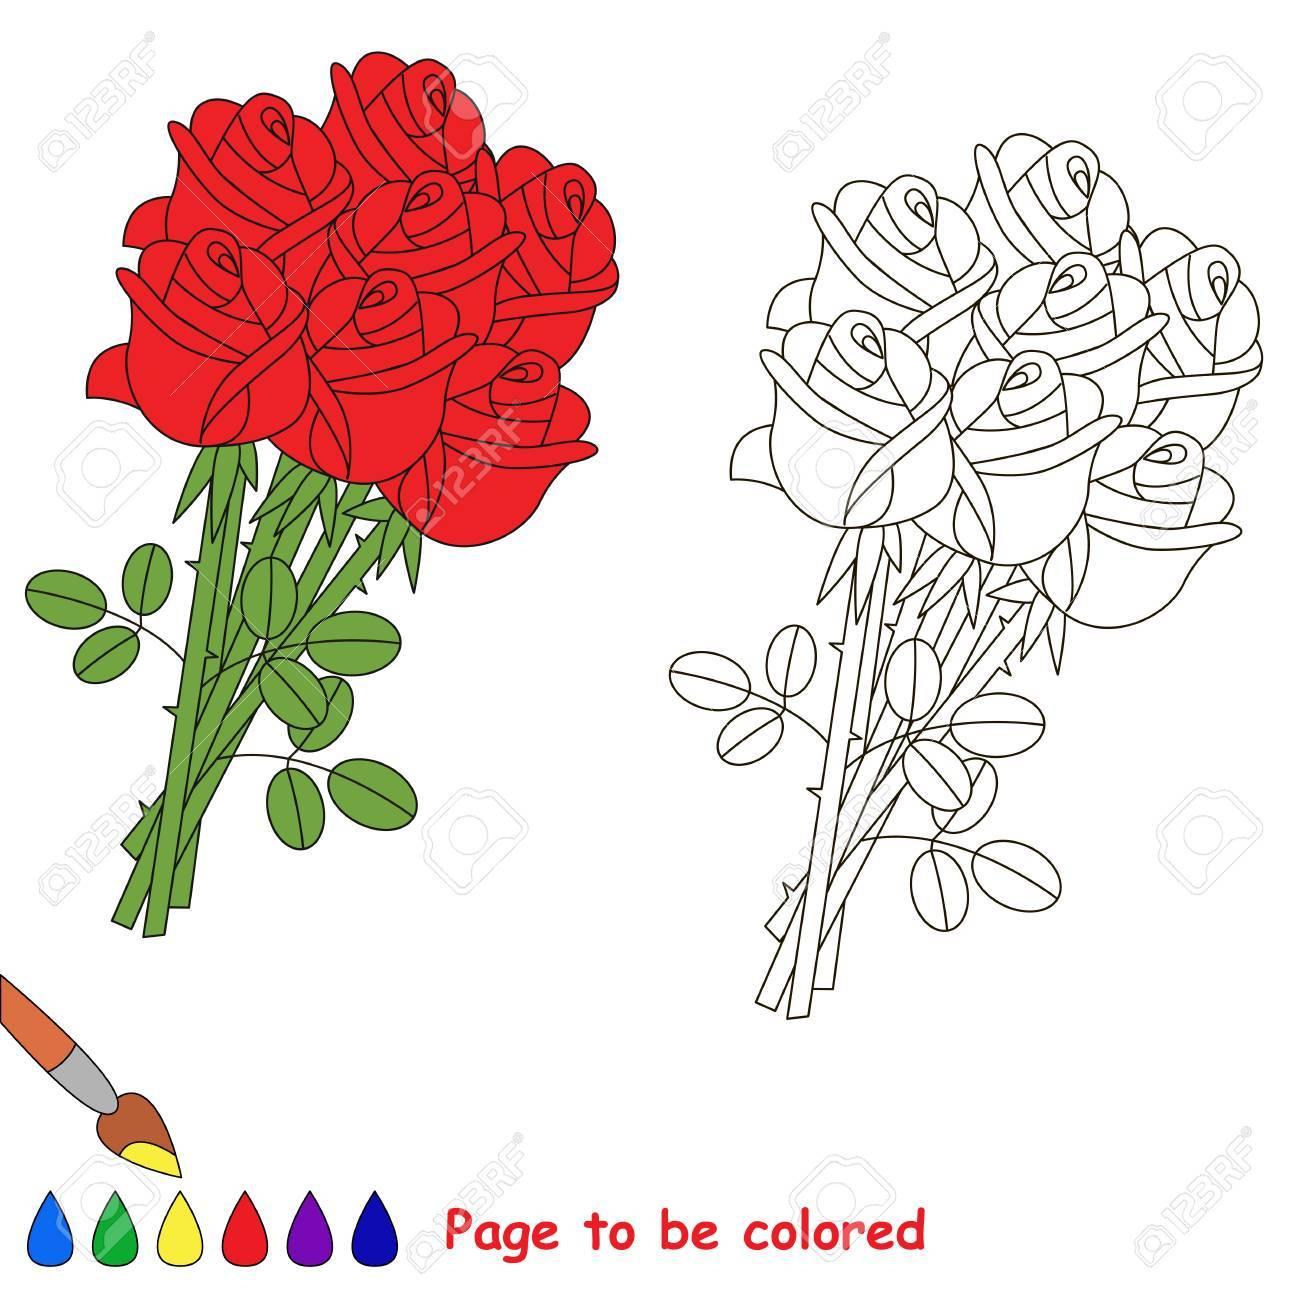 Hermoso Ramo De Rosas Rojas Para Colorear El Libro Para Colorear